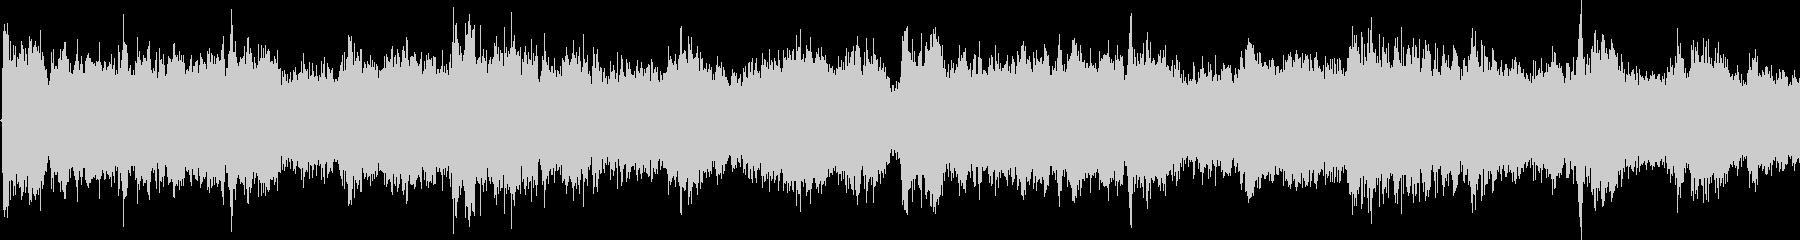 壮大なイメージのBGM_A1[LOOP]の未再生の波形